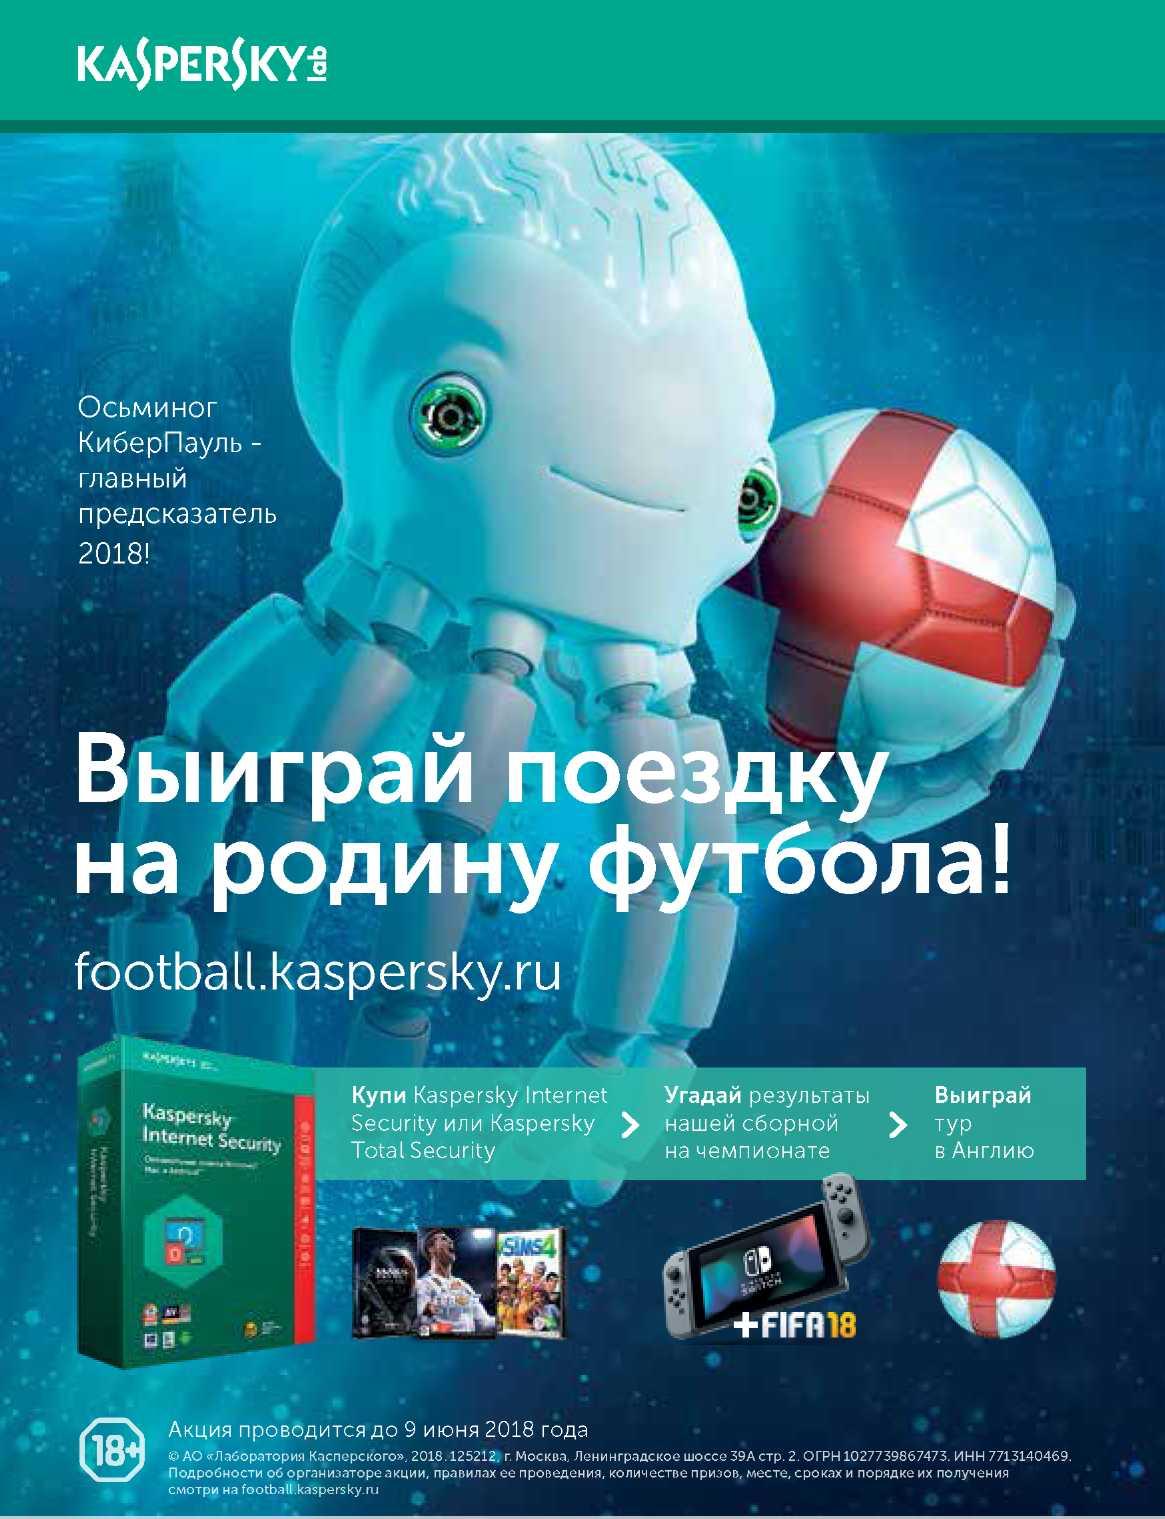 Купить Kaspersky Total Security: продление* на 3 устройства RU